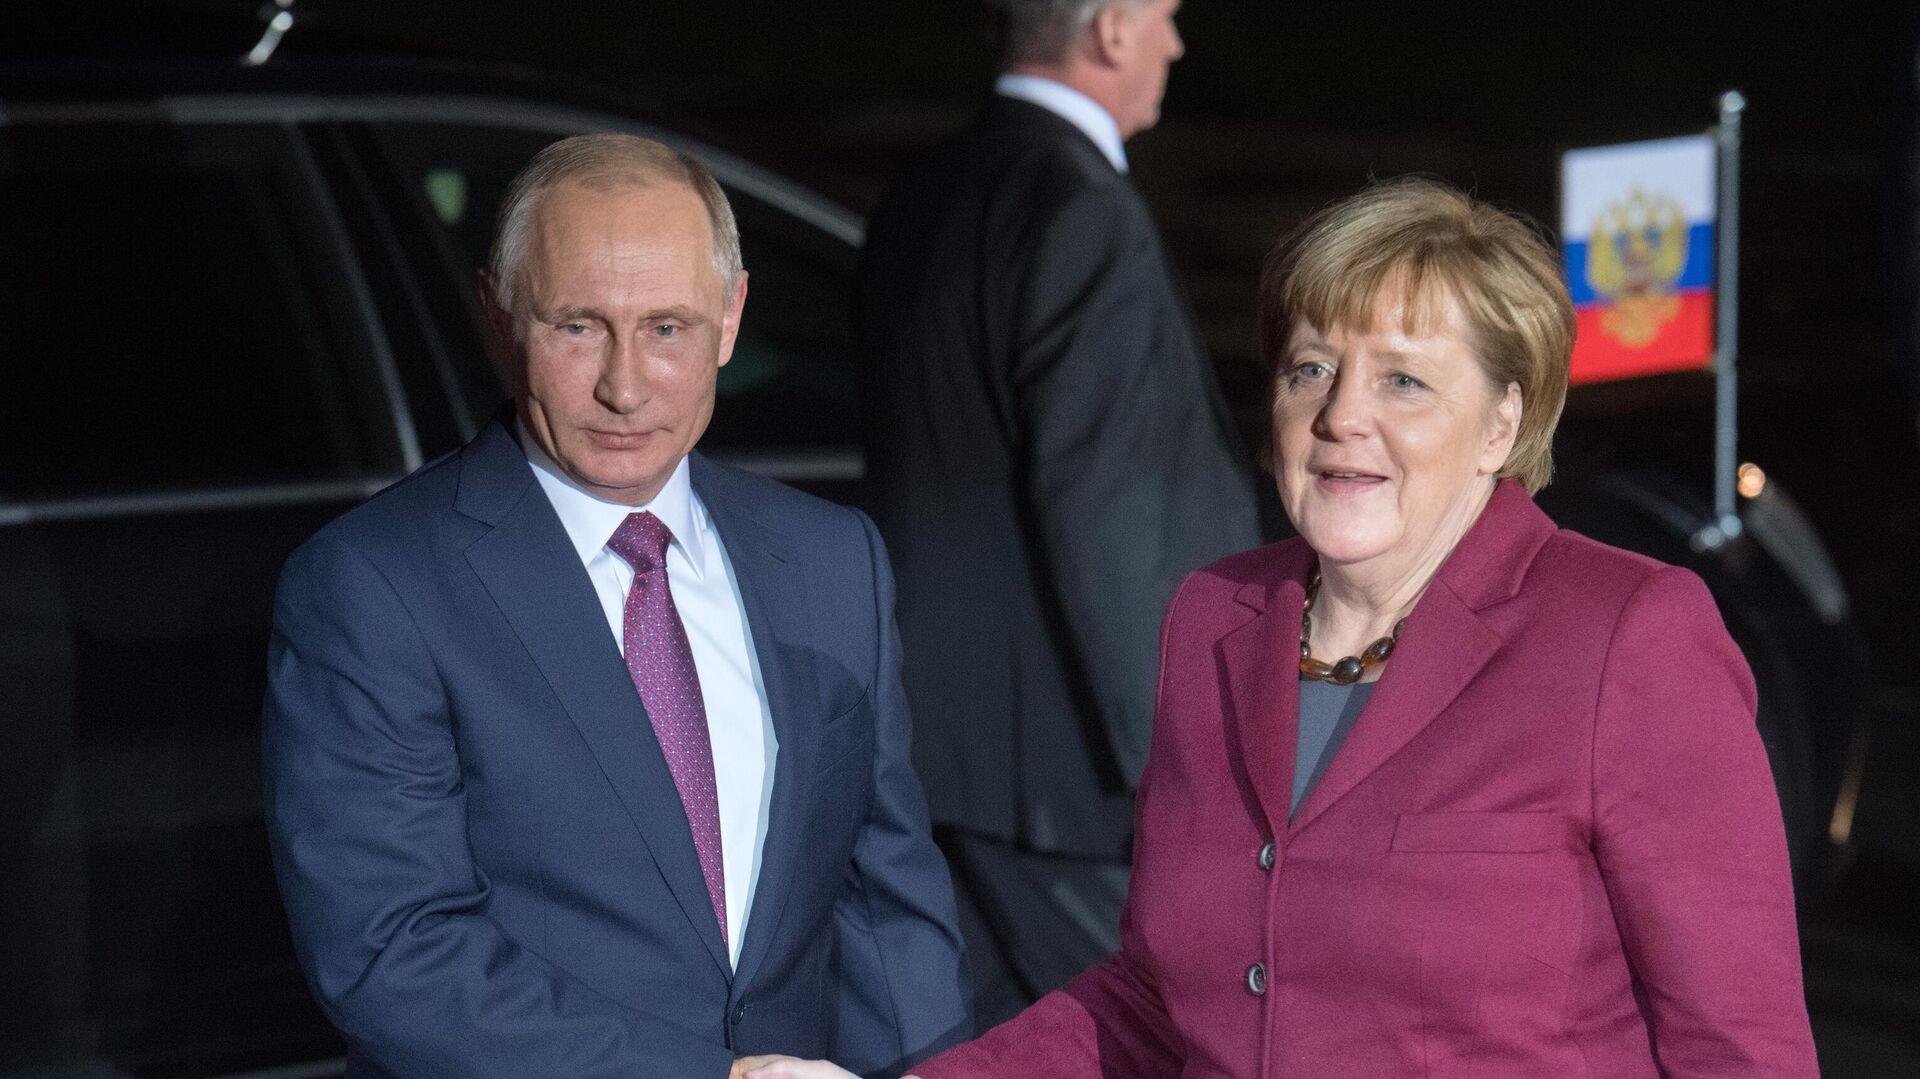 Президент РФ Владимир Путин и канцлер Германии Ангела Меркель перед началом переговоров лидеров стран нормандской четверки в Берлине - РИА Новости, 1920, 11.01.2020